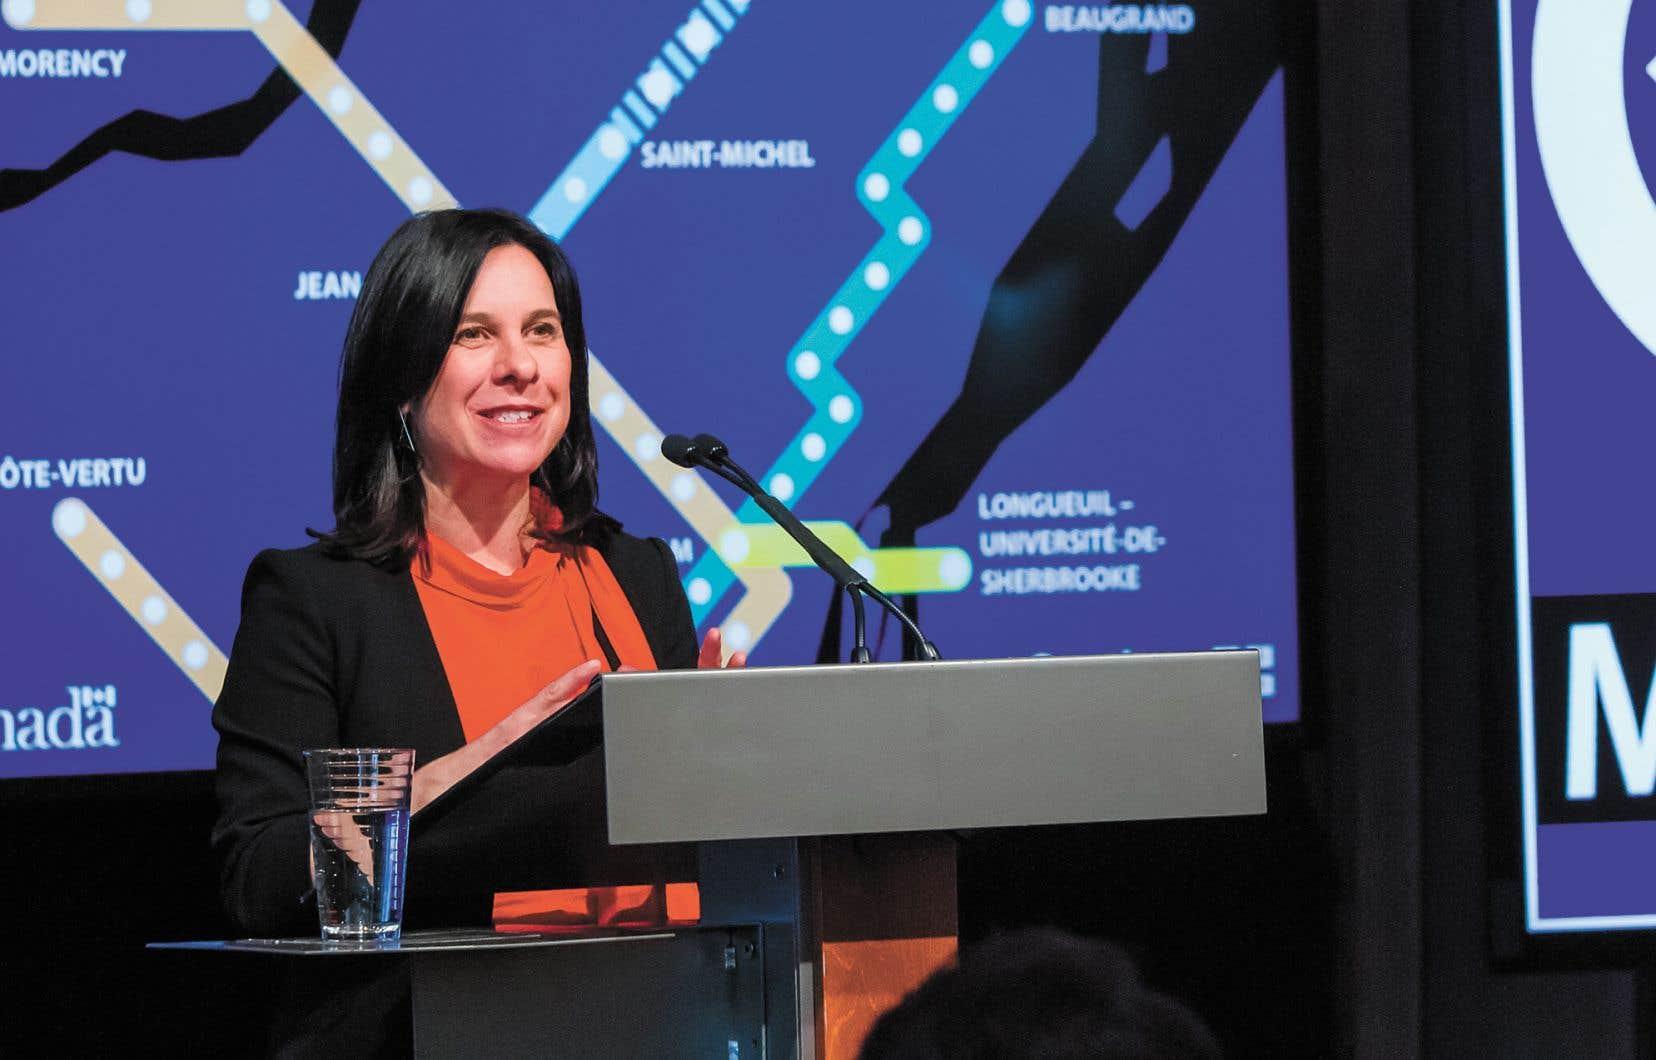 La mairesse de Montréal, Valérie Plante, lors de l'annonce du prolongement de la ligne bleue du métro de Montréal, en avril dernier